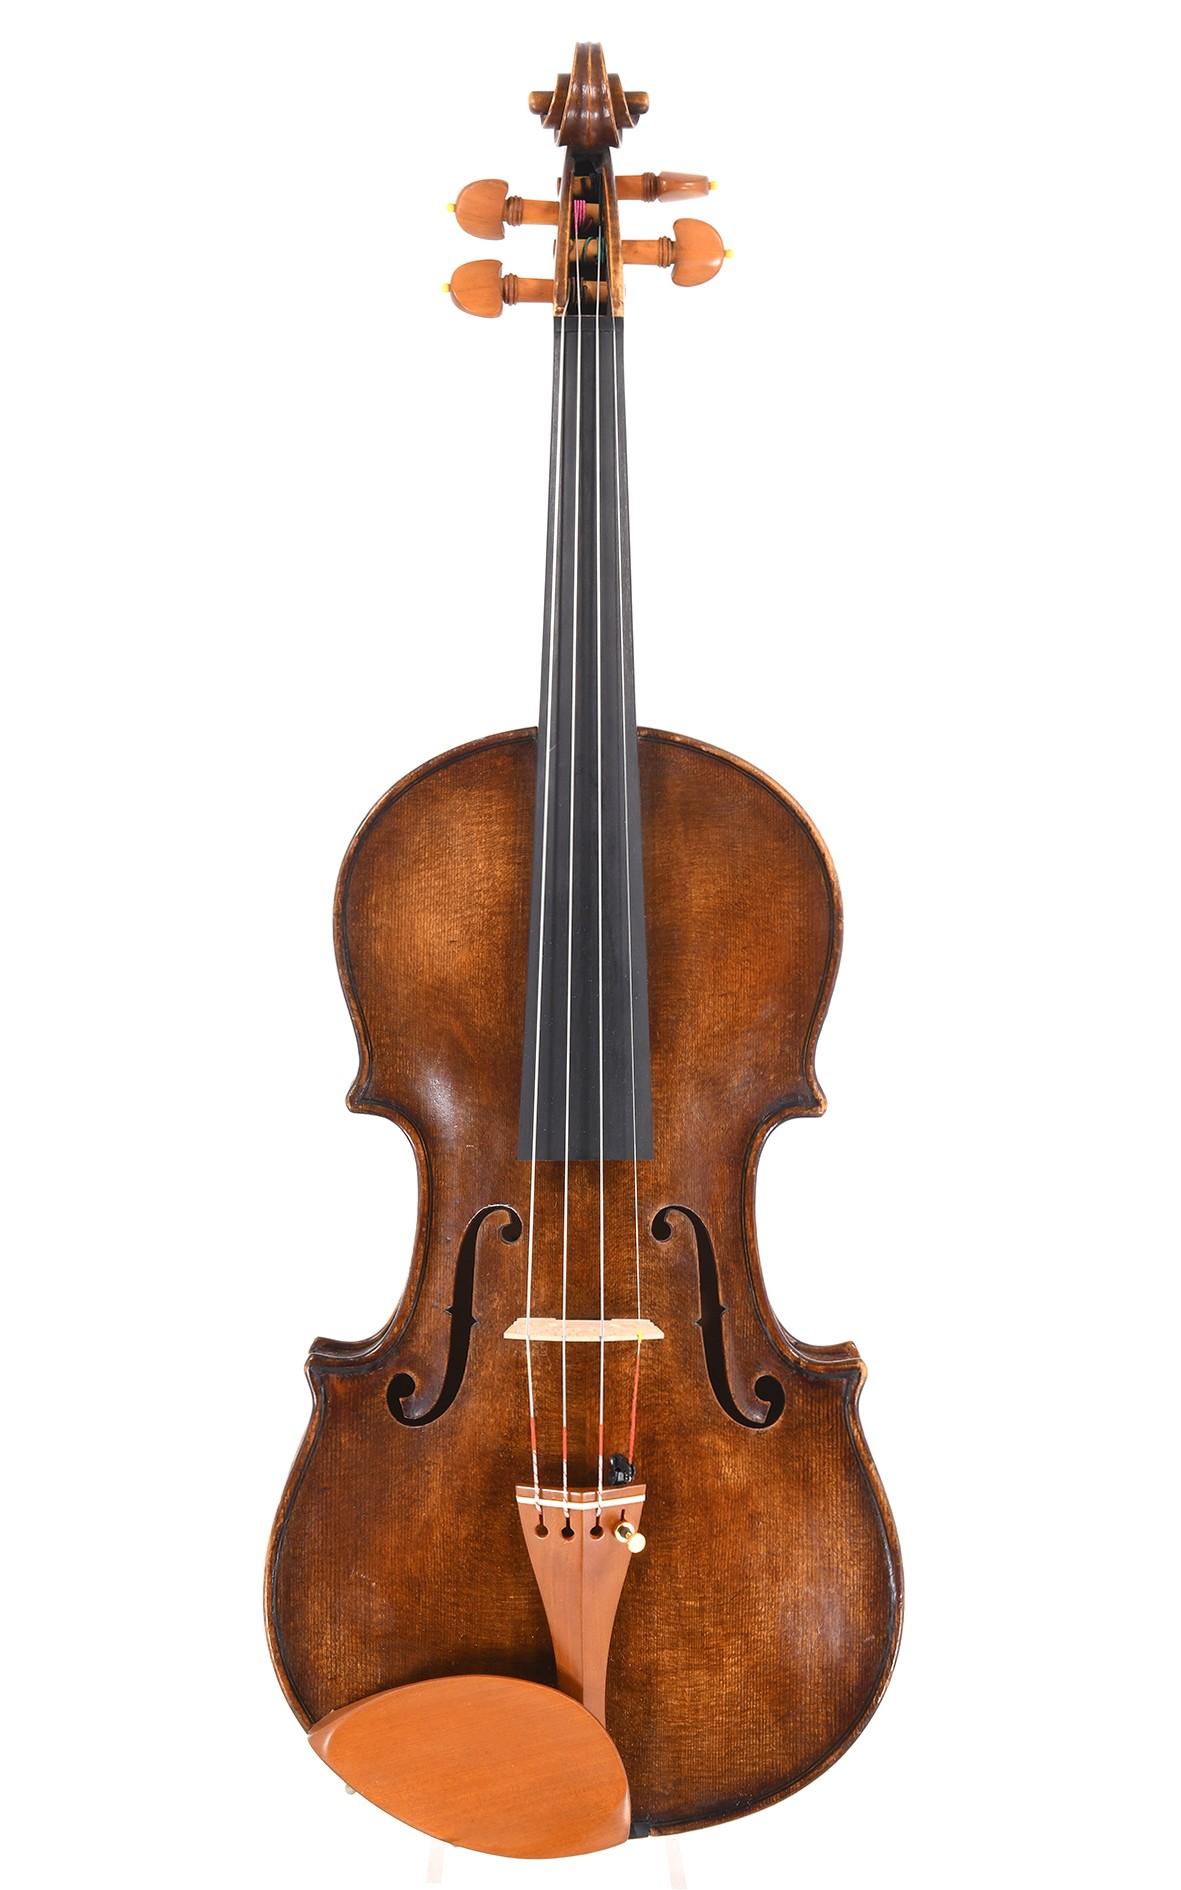 Old German violin built in 1968